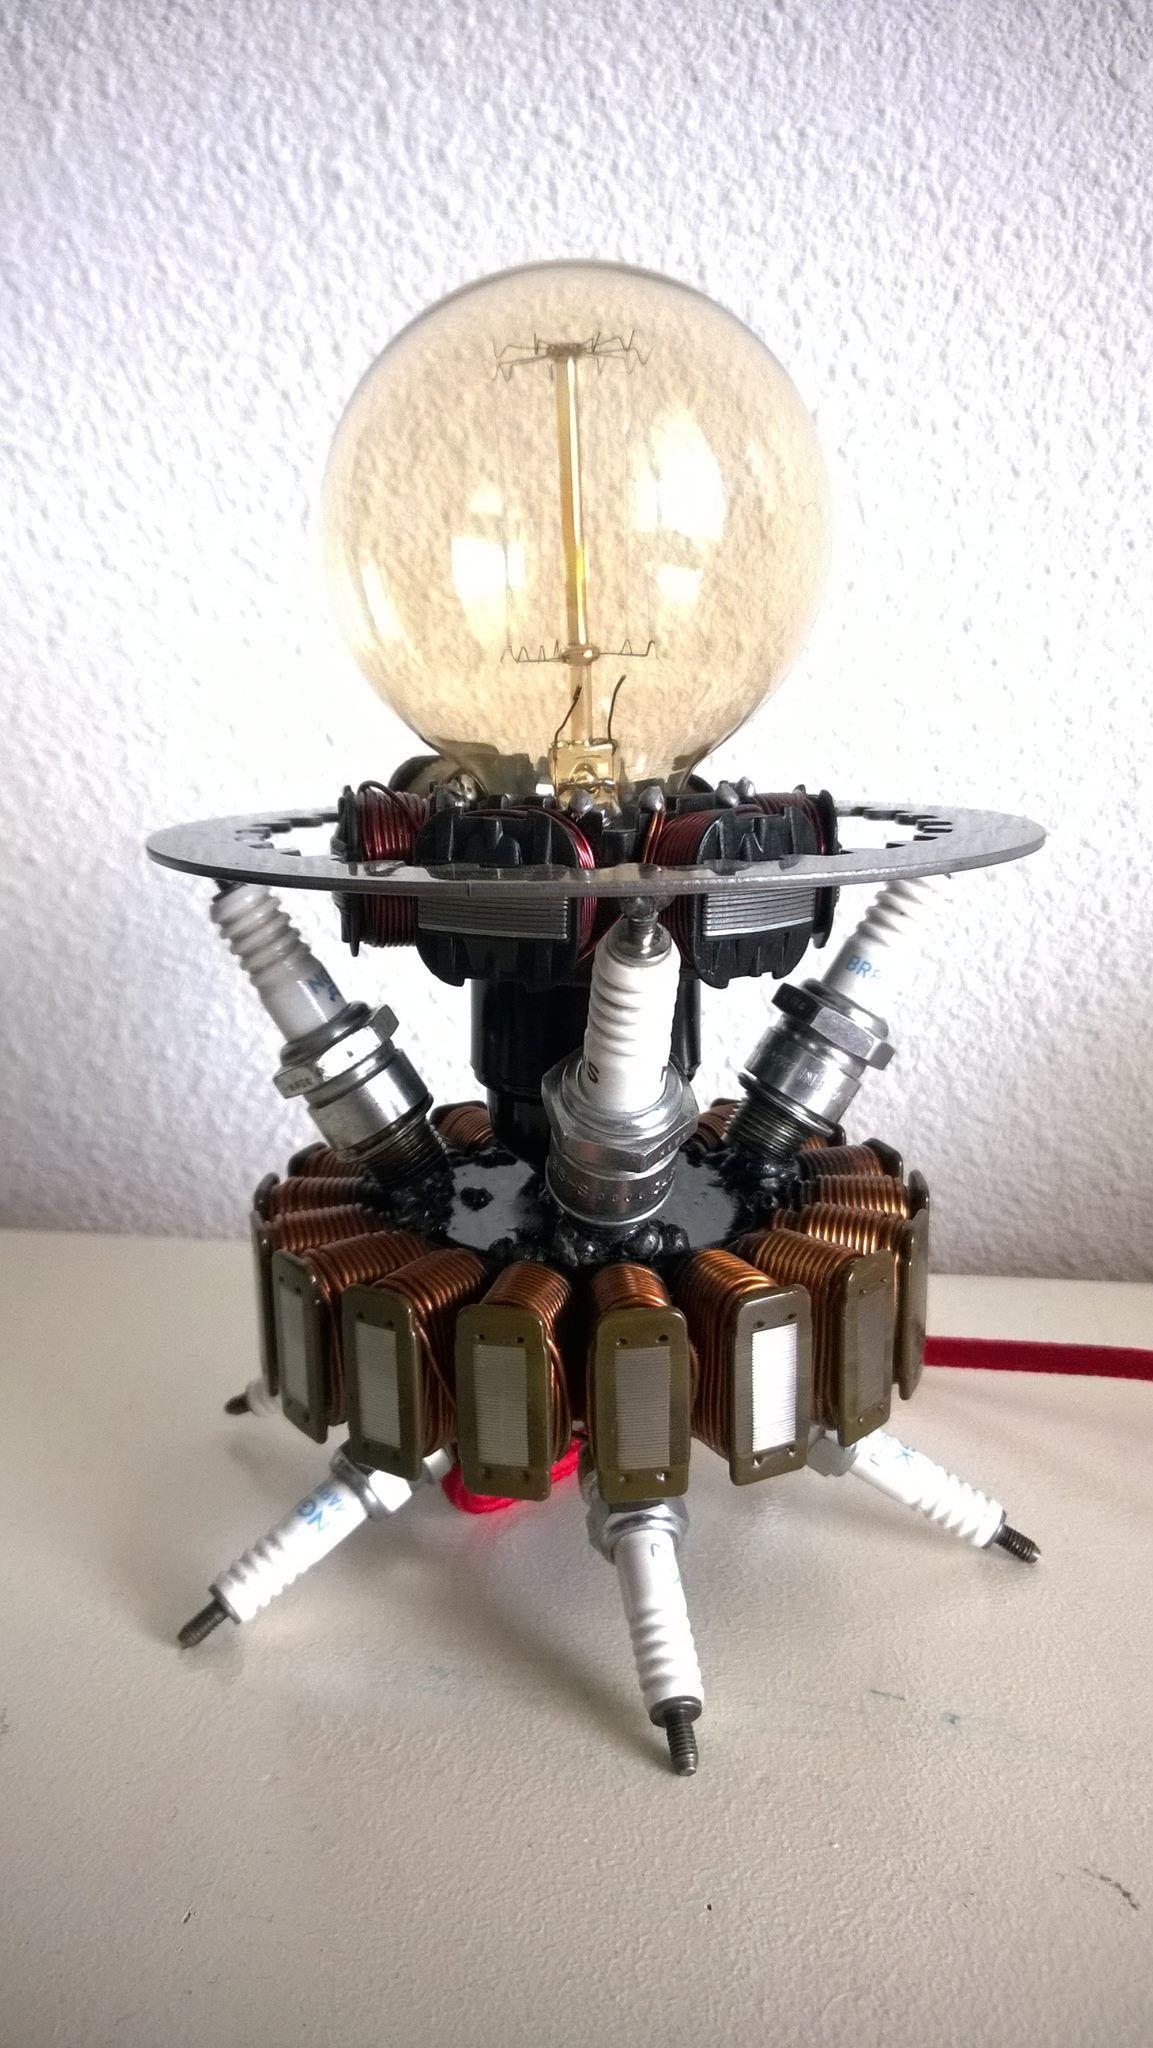 lampe lamp avec des pi ces moto bougies des stators d 39 allumage un disque lisse d. Black Bedroom Furniture Sets. Home Design Ideas